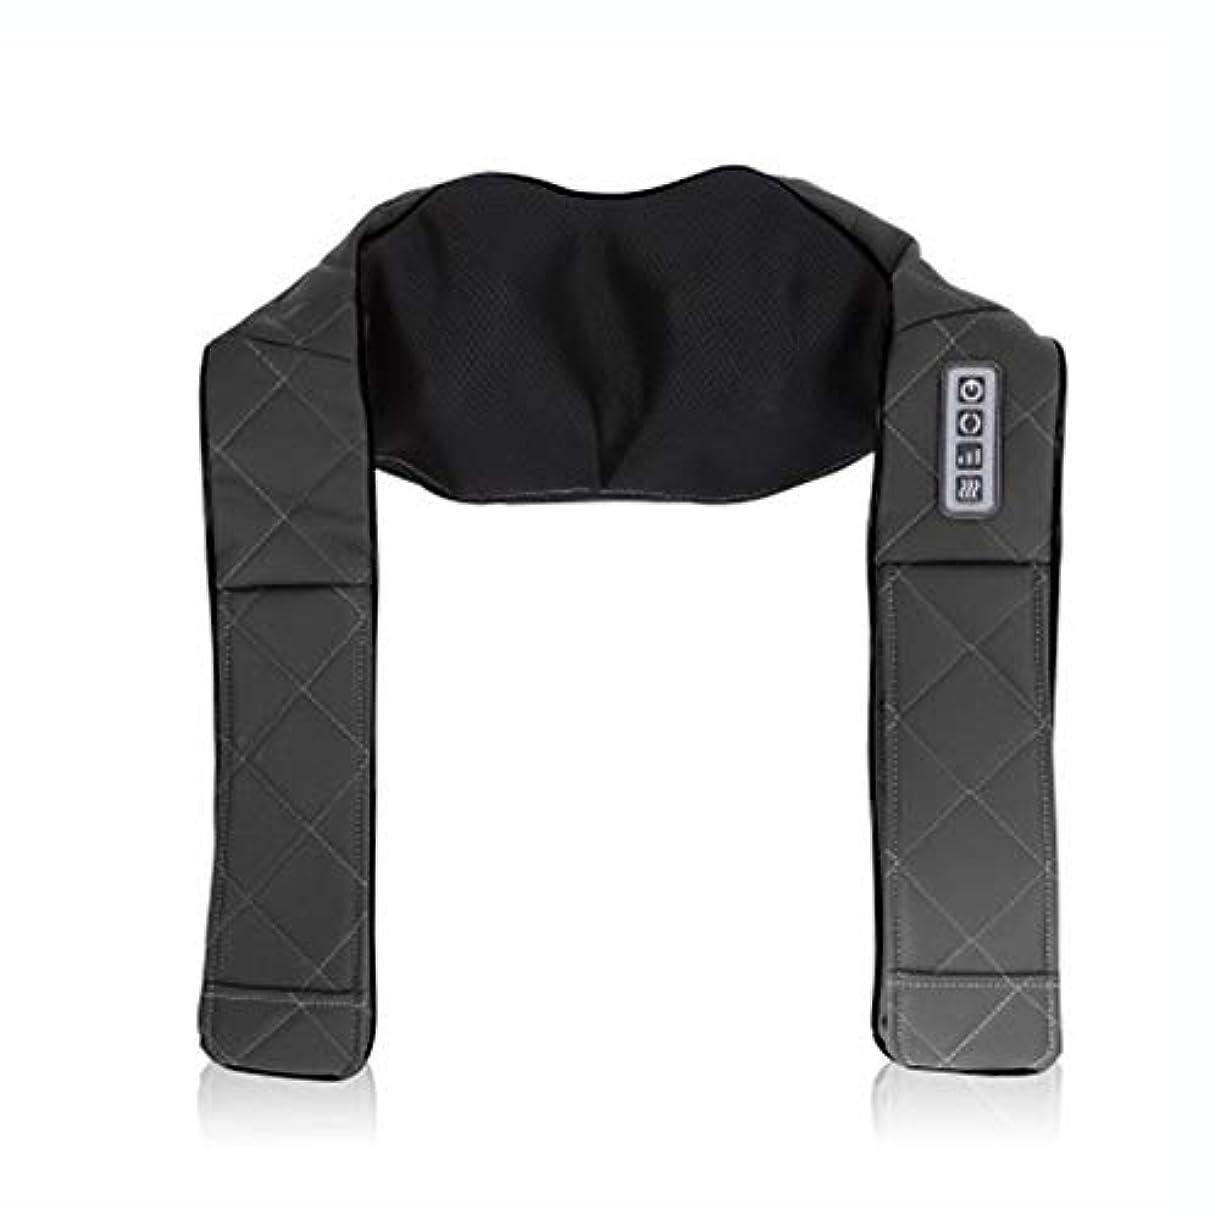 修正するブルーベルひどいNOBRAND 肩と首のマッサージヒーティングW/マッサージボールサーマルマッサージリラックス痛みを軽減 Shoulder and Neck Massager Heating W/massage Ball Thermal Massage Relax Pain Relief 100V ~ 240V